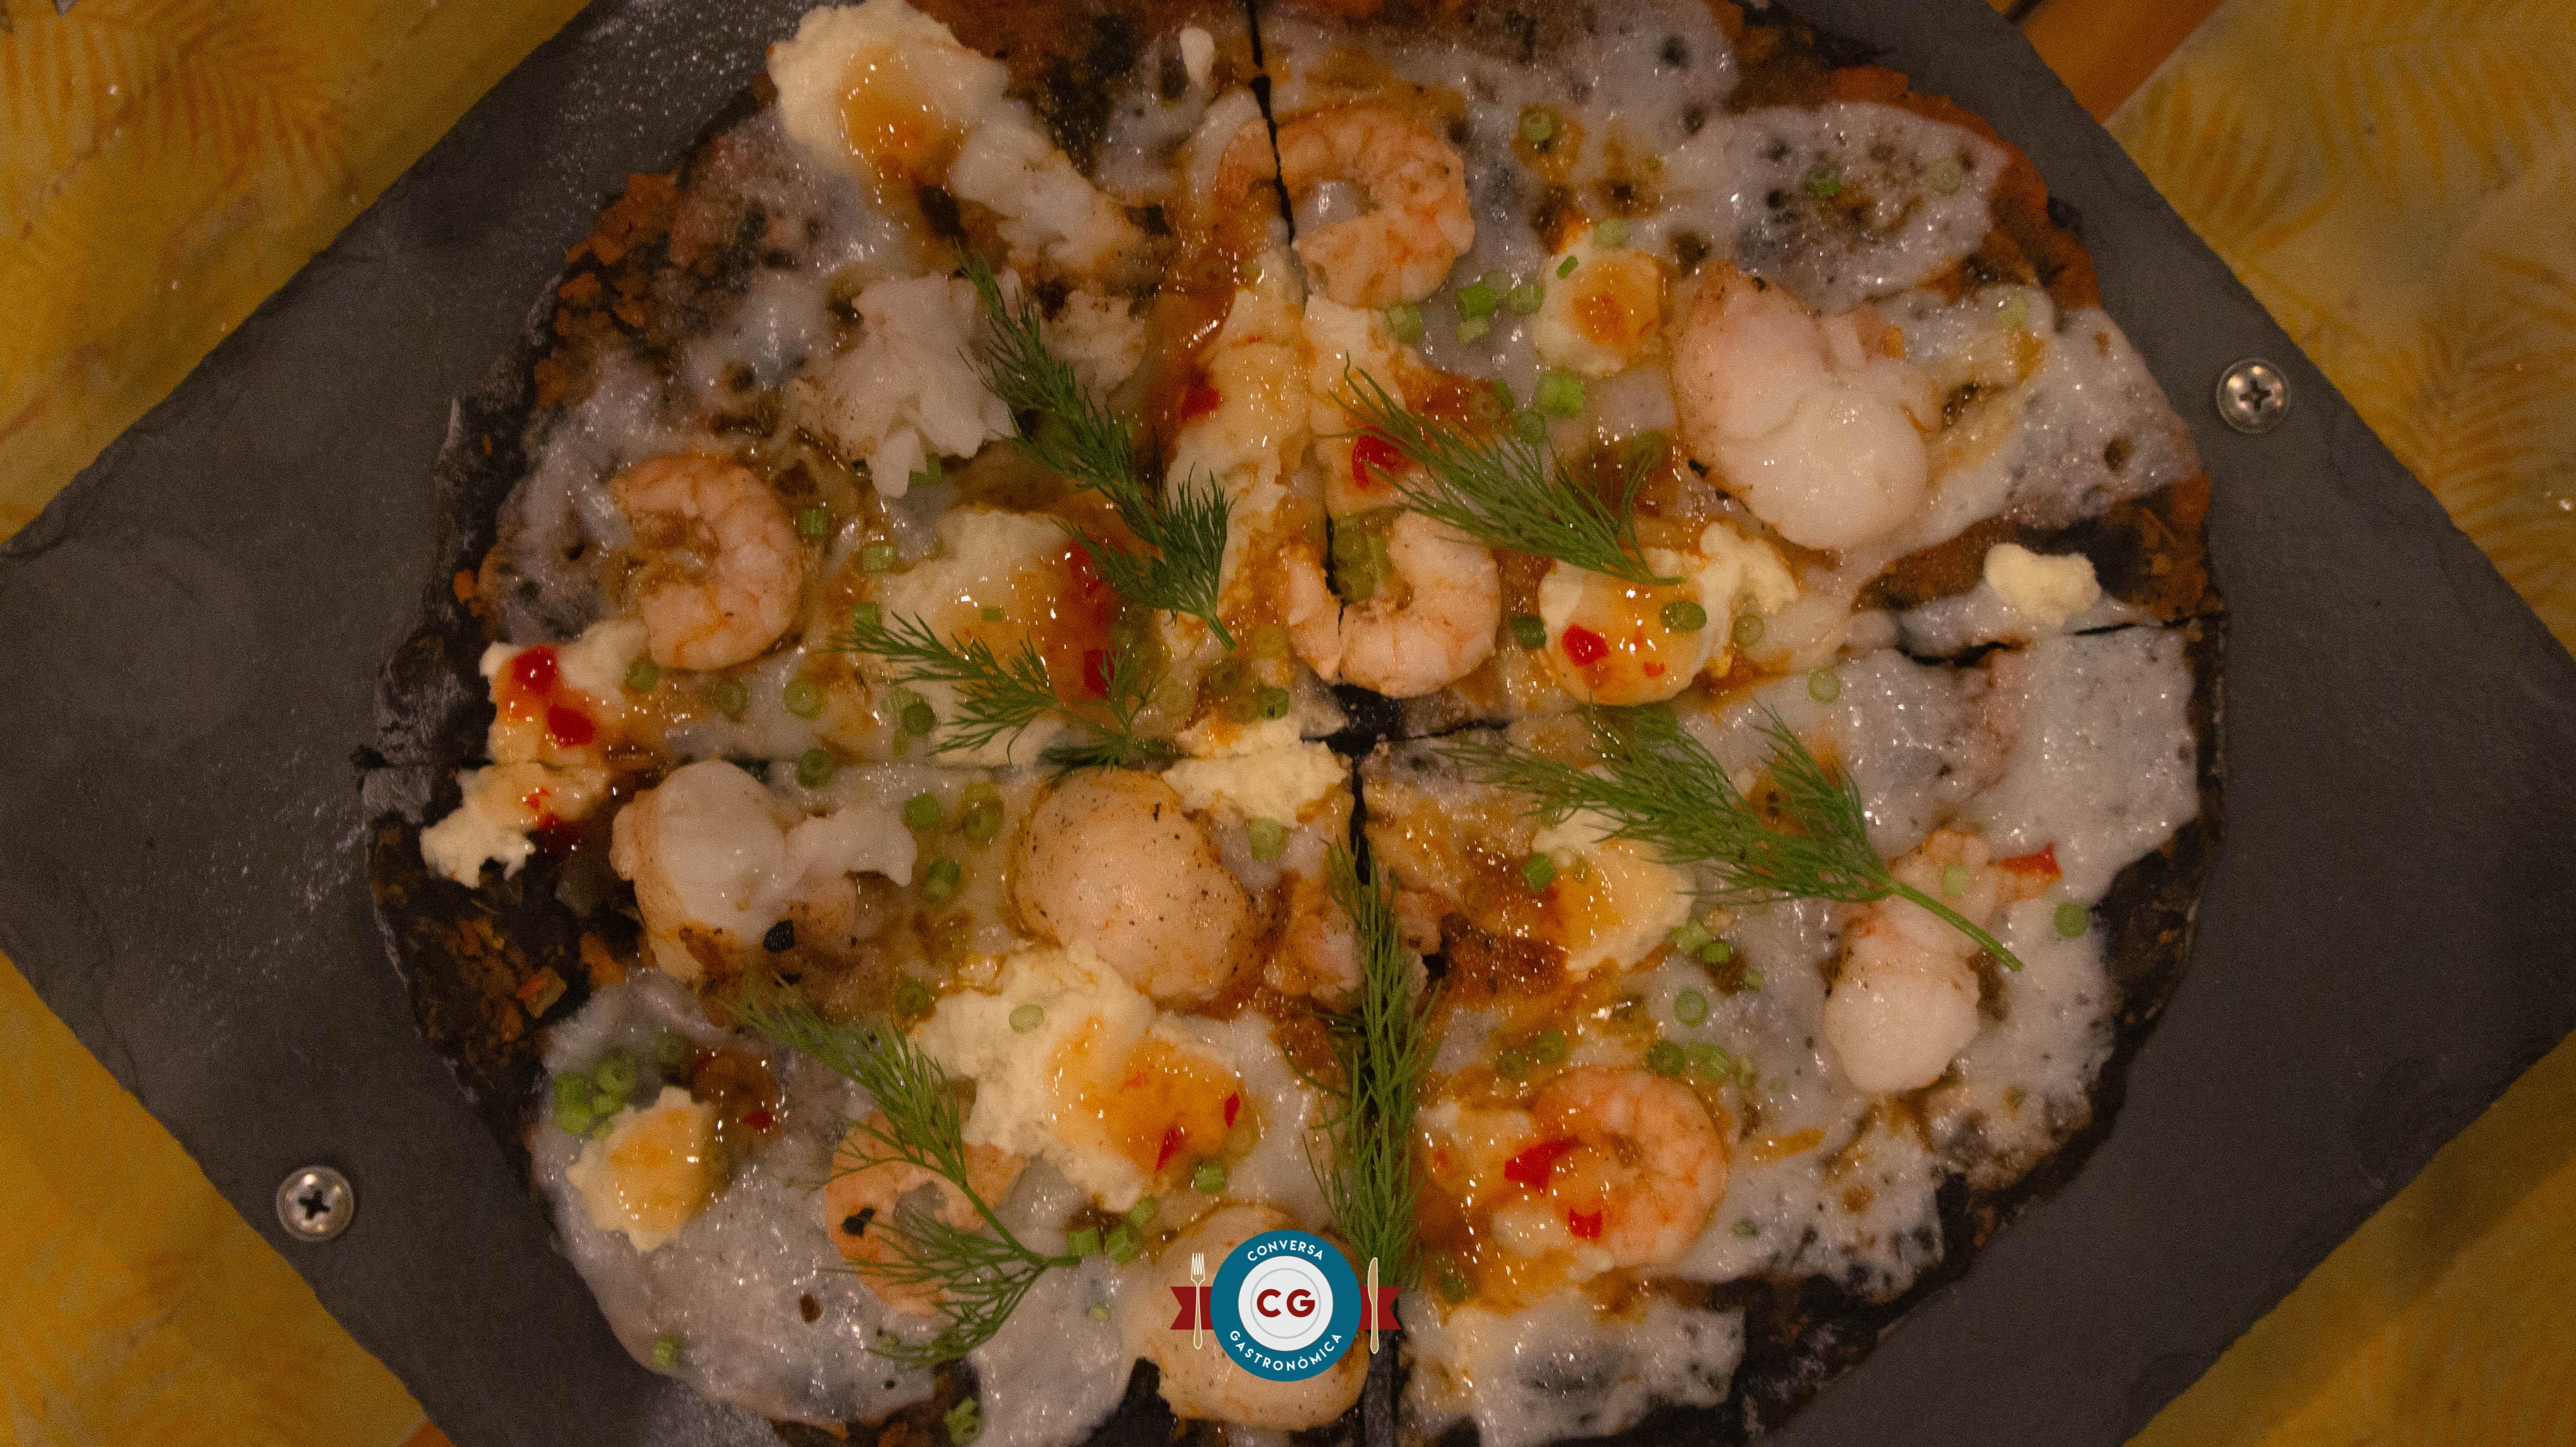 Gastronomia de cidade grande invade novo Conpastello